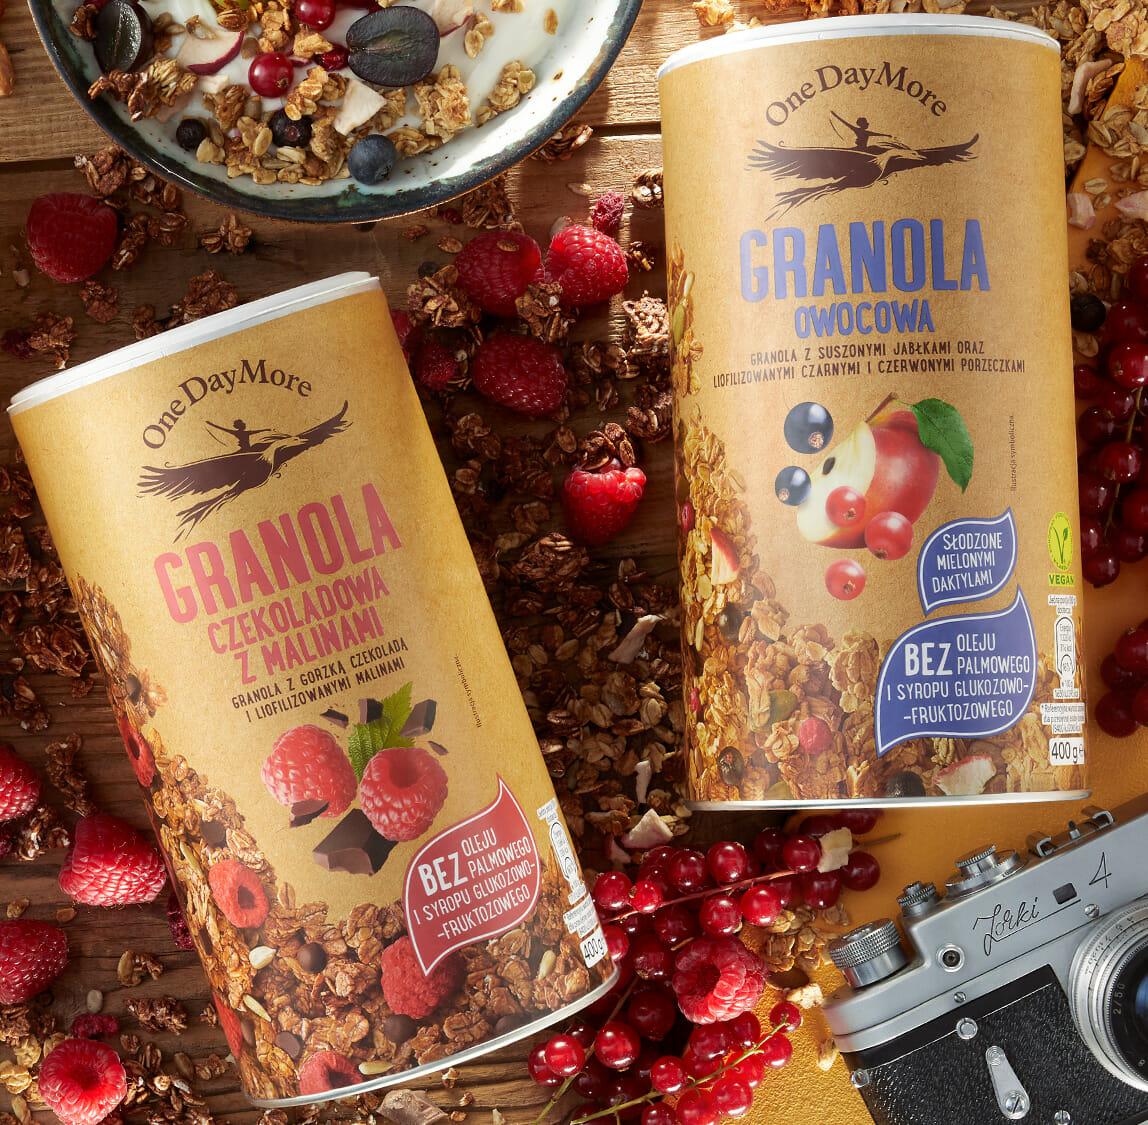 granola-czekoladowa-z-malinami-onedaymore-dodatkowe